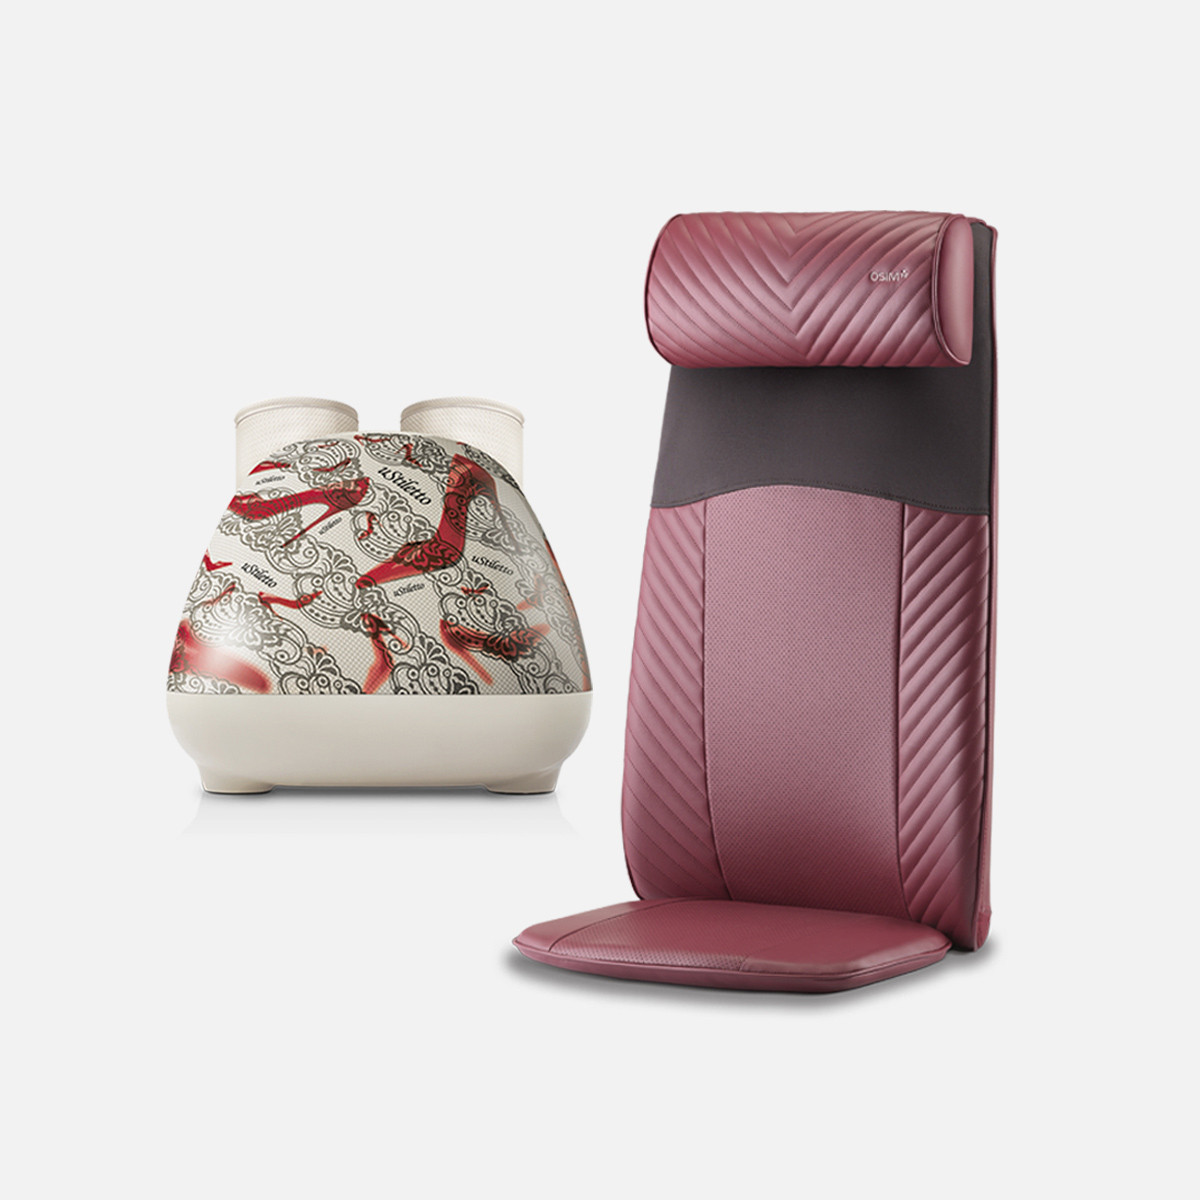 uStiletto (Elegant) + uJolly (Red)